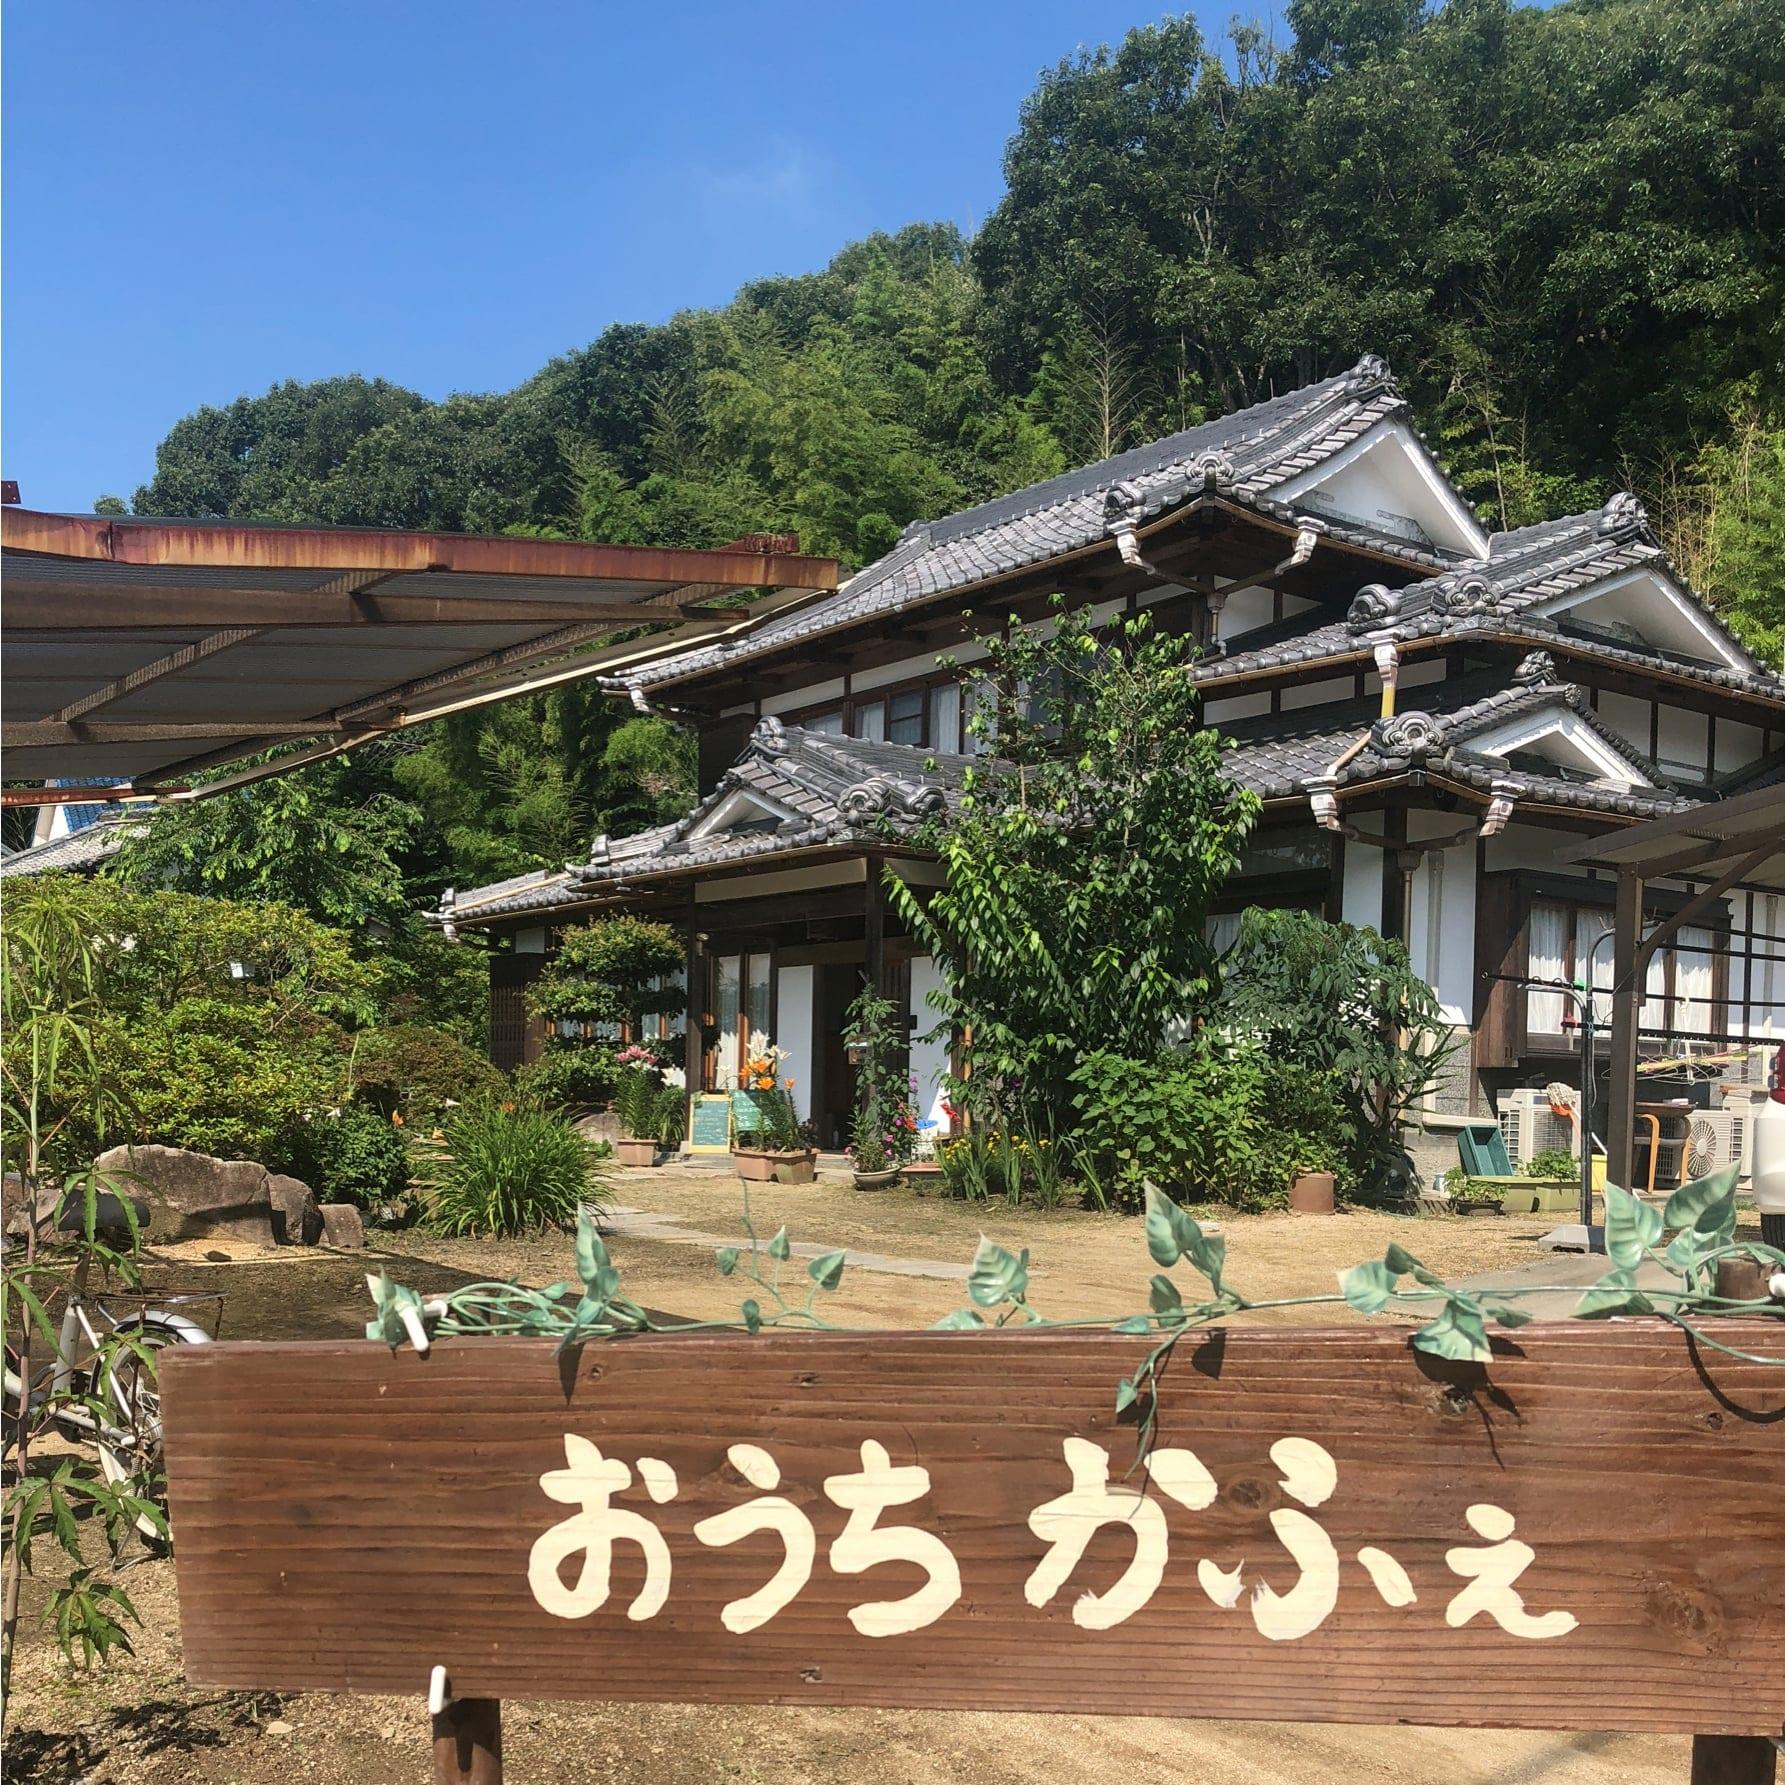 【日程終了】赤坂芸者を呼んで岡山でお座敷をご一緒に!のイメージその2